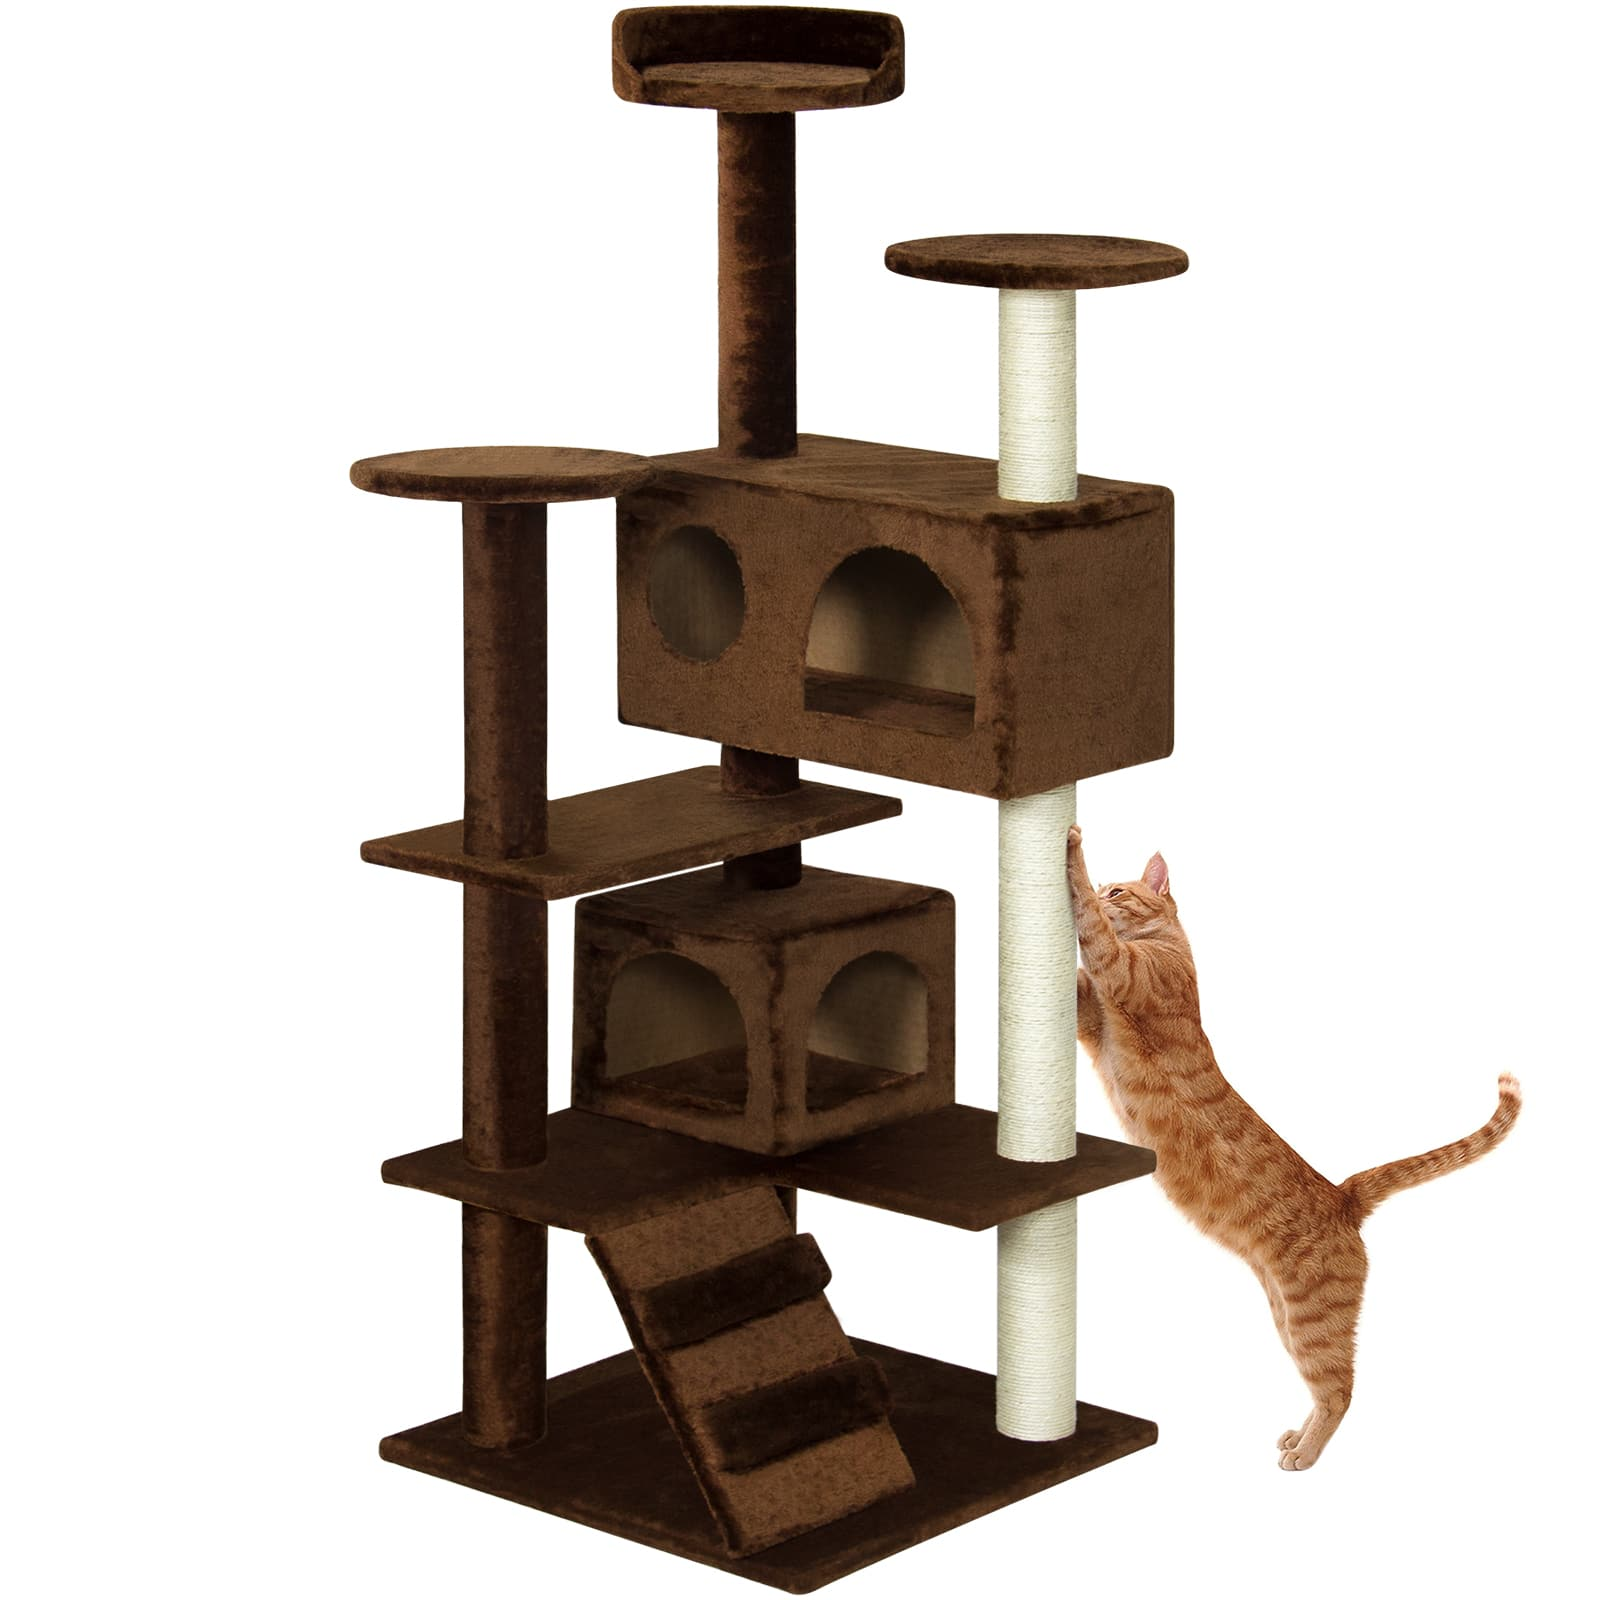 53in Multi-Level Kitten Cat Tree w/ Scratcher $44.99 AC